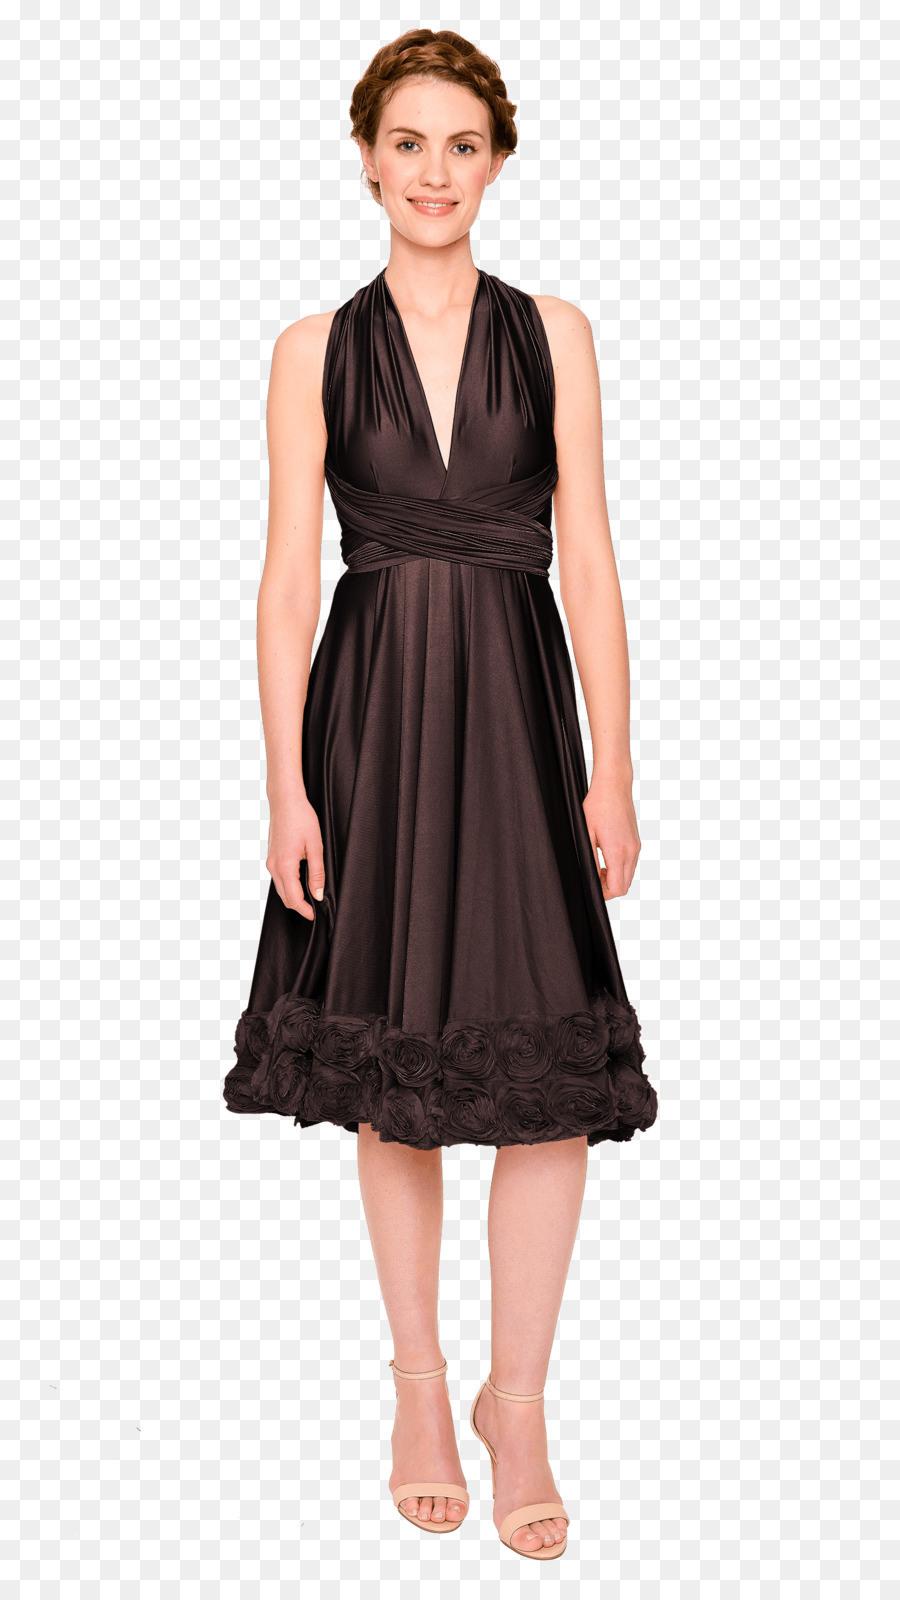 Abend Schön Schwarzes Sommerkleid Spezialgebiet10 Kreativ Schwarzes Sommerkleid Spezialgebiet